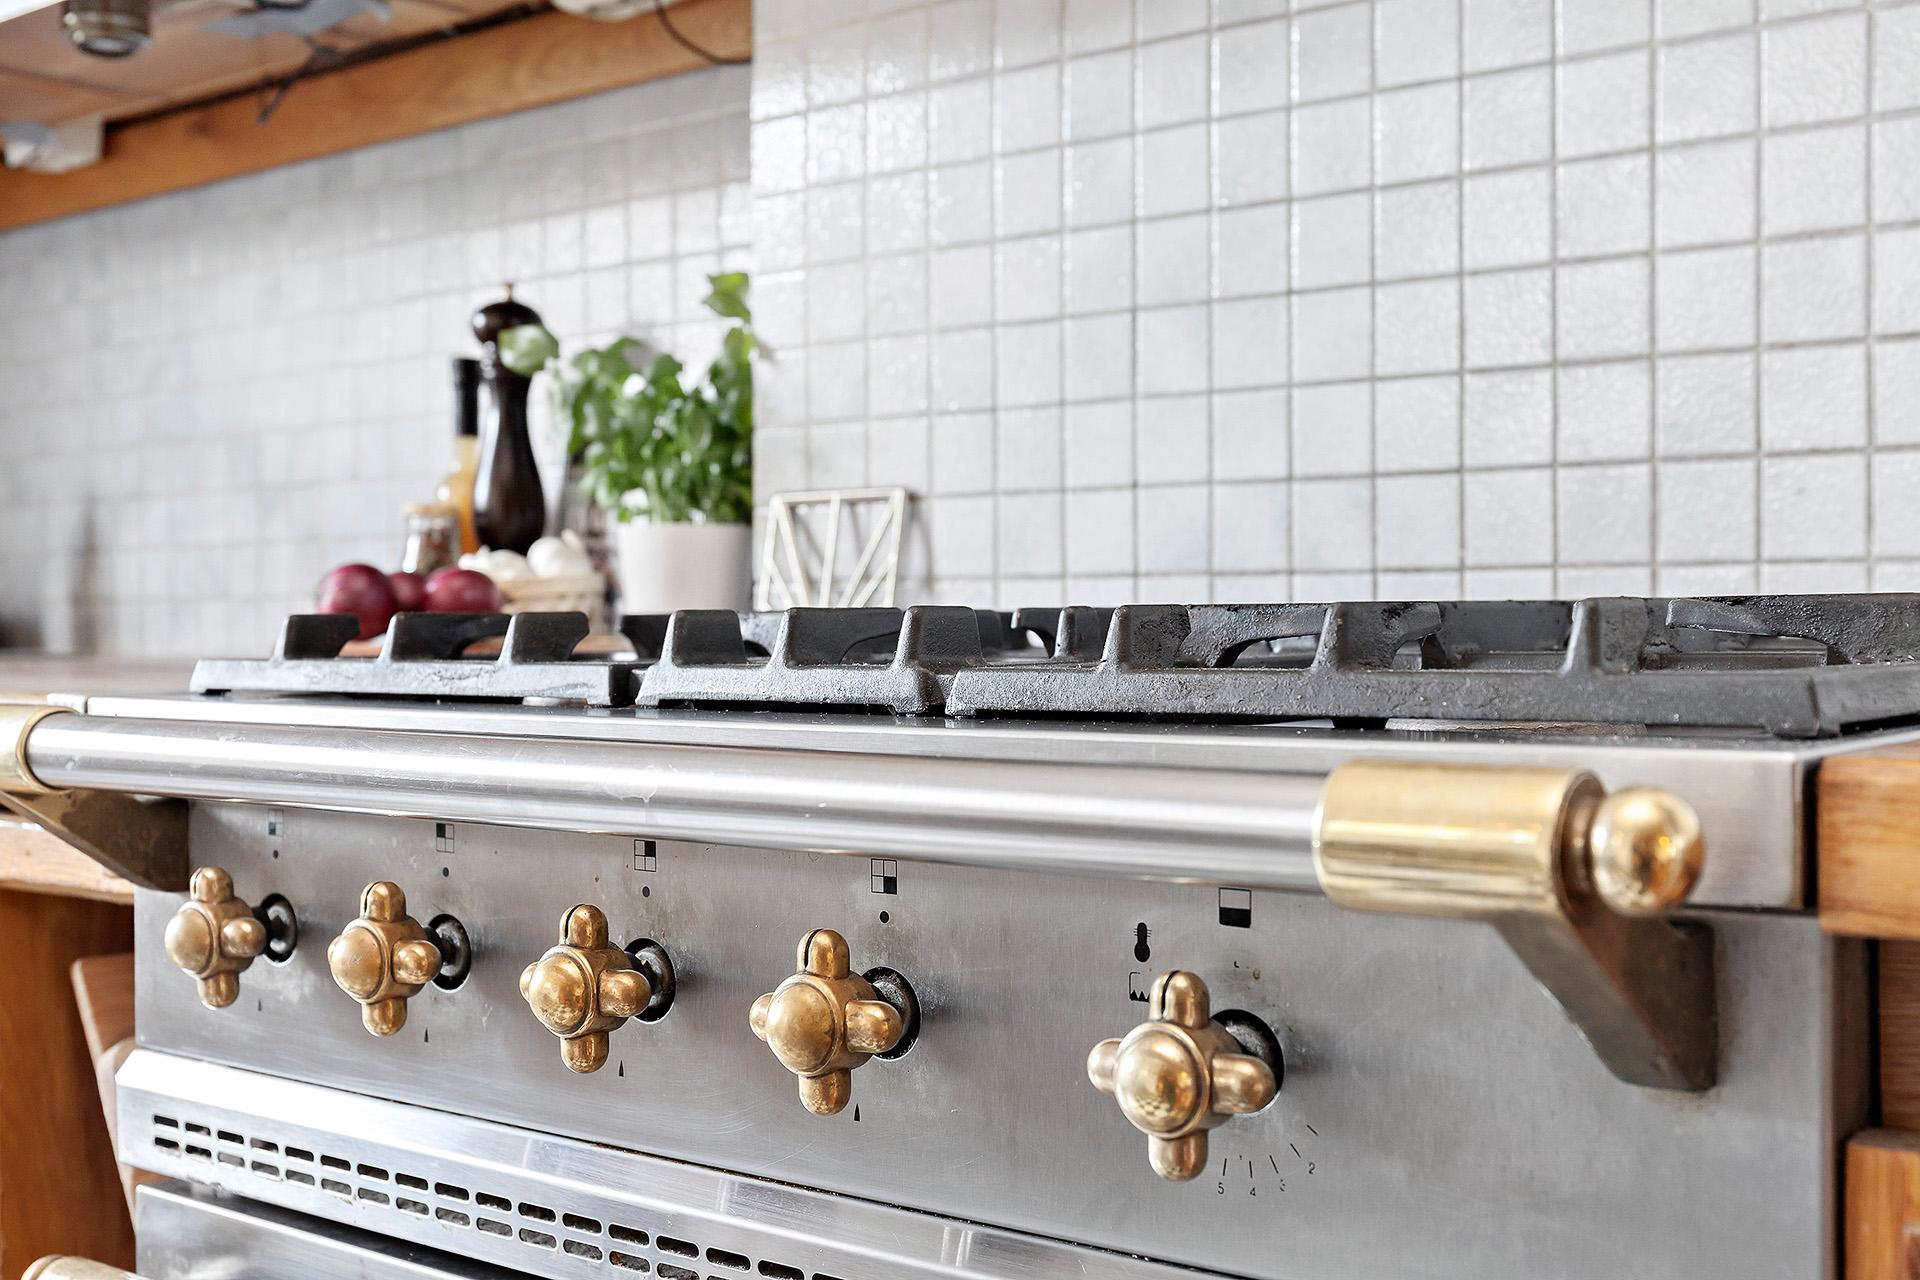 Fantastisk gasspis från Lacanche! I byn Lacanche i regionen Bourgogne har man sedan 1800-talet tillverkat ugnar, spisar och köksutrustning i andan av en lång tradition av metallhantverk.